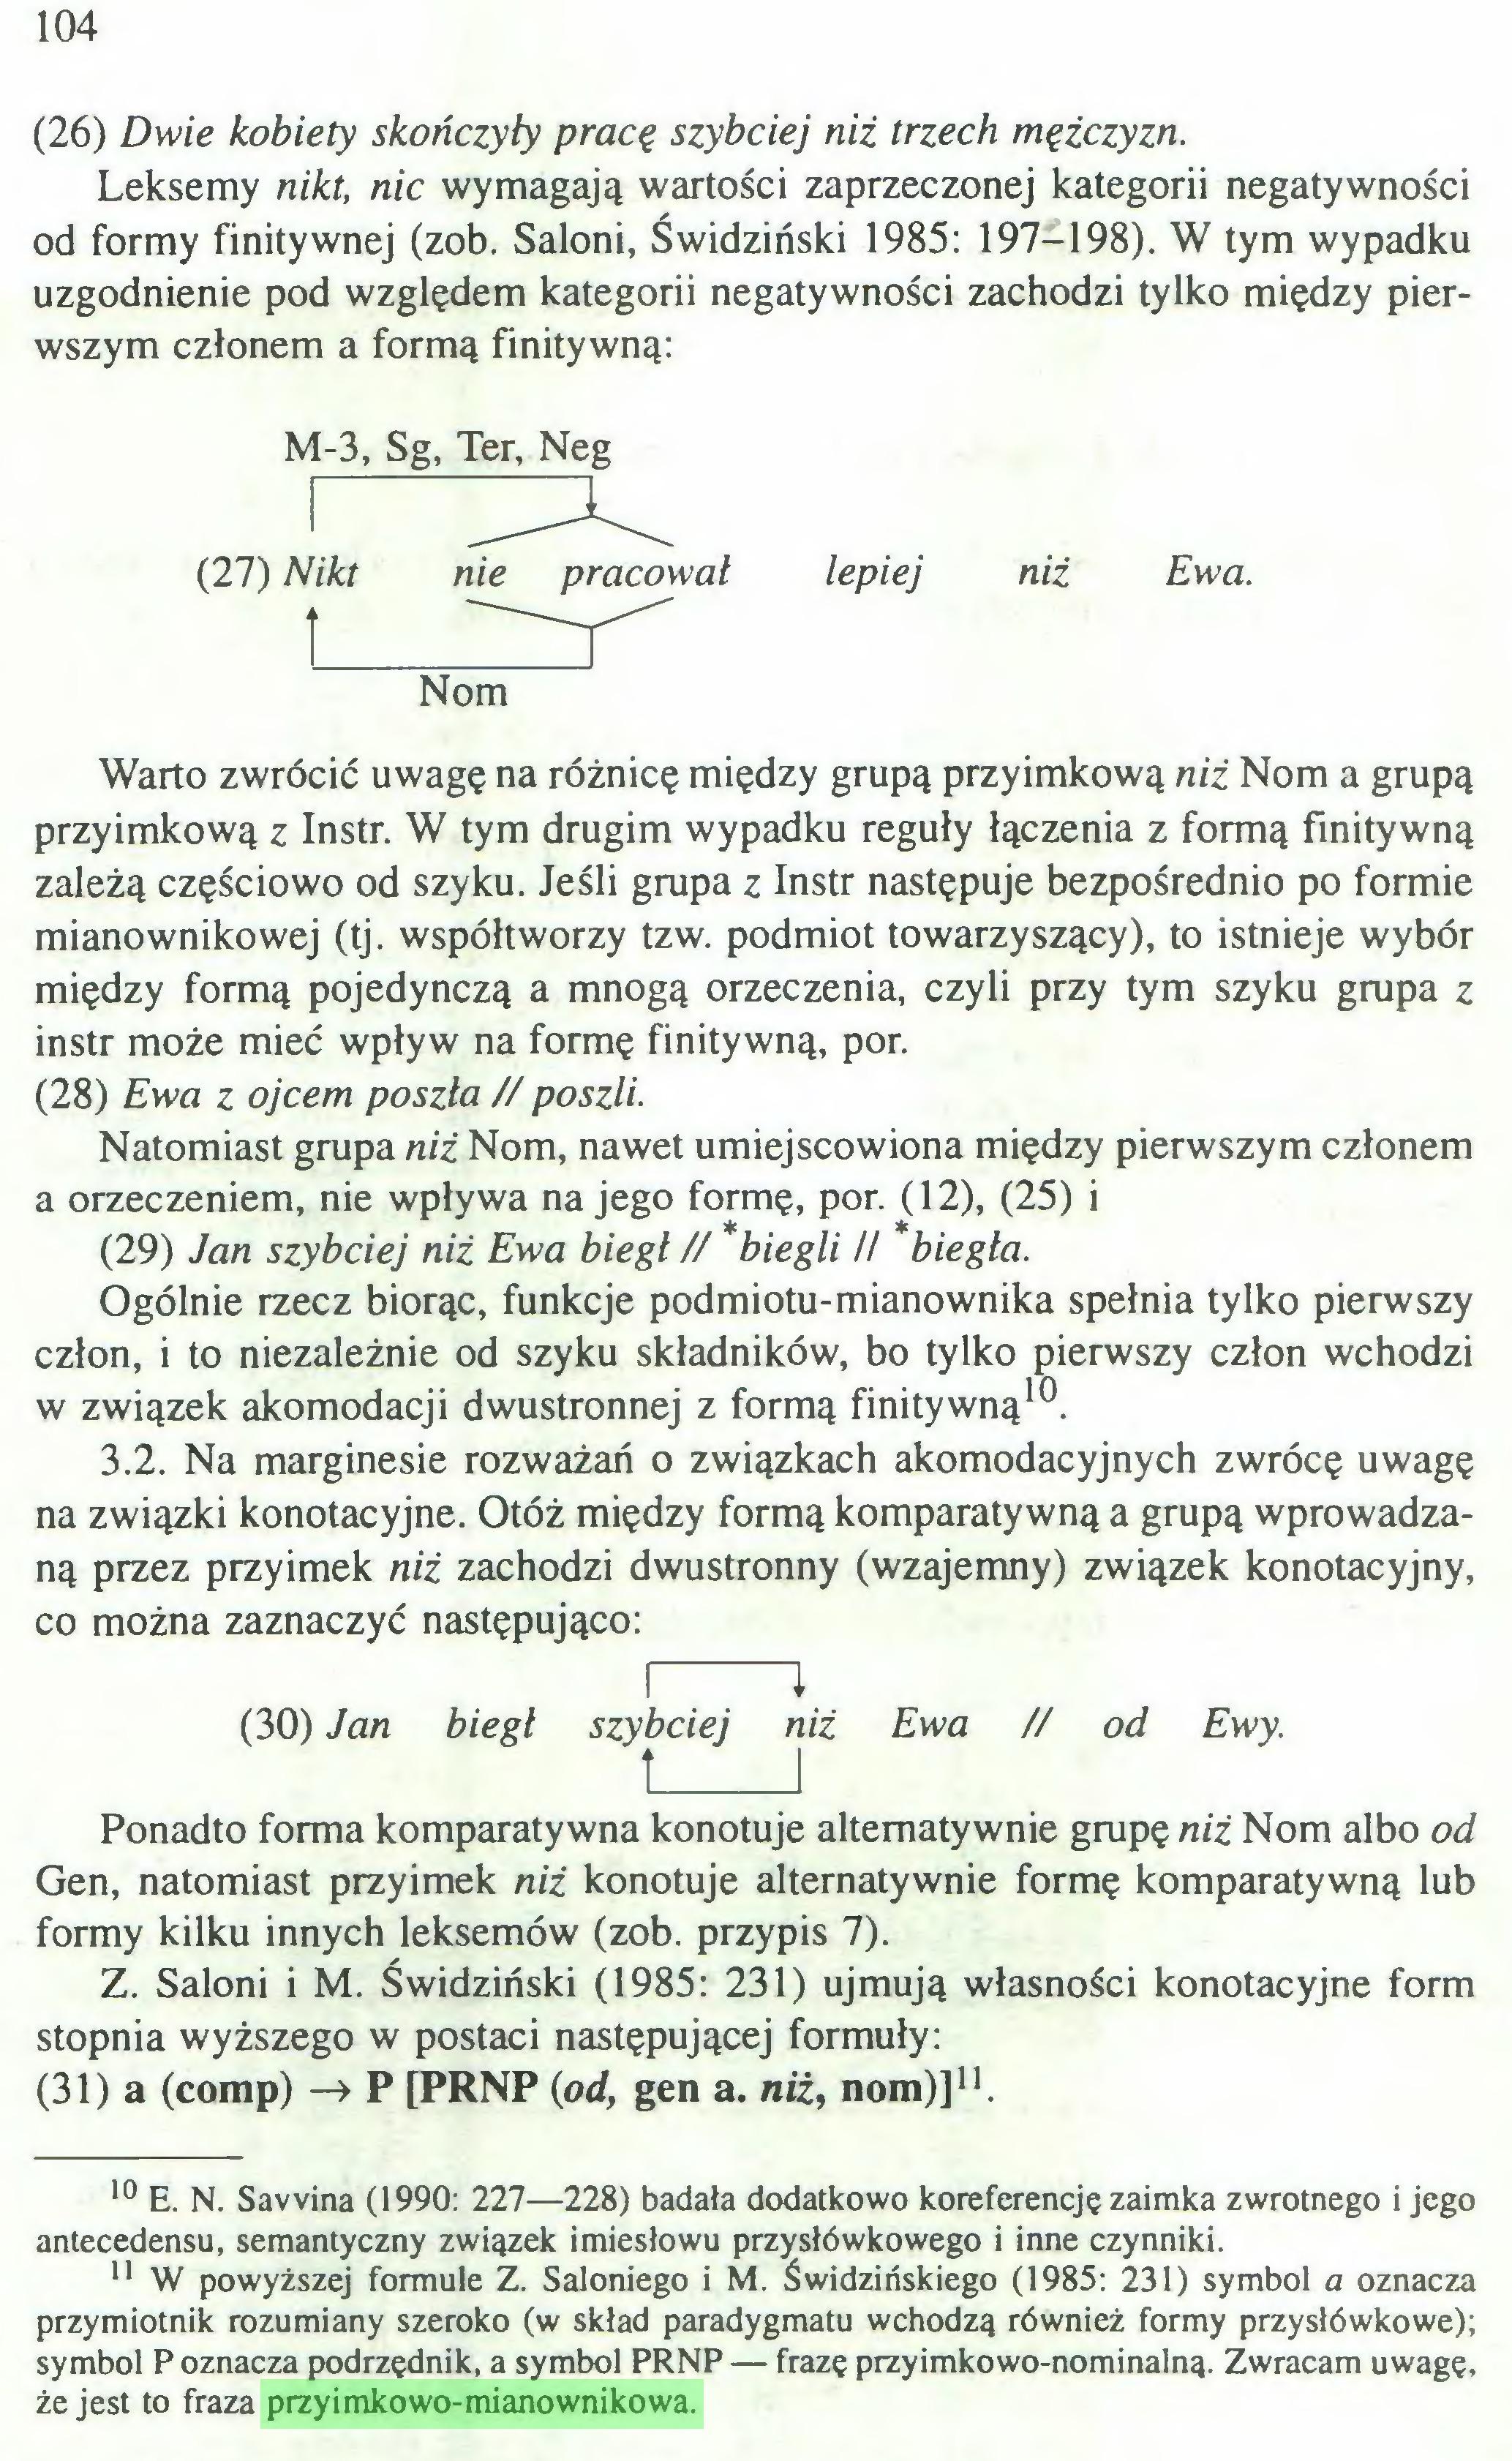 (...) 11 W powyższej formule Z. Saloniego i M. Świdzińskiego (1985: 231) symbol a oznacza przymiotnik rozumiany szeroko (w skład paradygmatu wchodzą również formy przysłówkowe); symbol P oznacza podrzędnik, a symbol PRNP — frazę przyimkowo-nominalną. Zwracam uwagę, że jest to fraza przyimkowo-mianownikowa. 105...